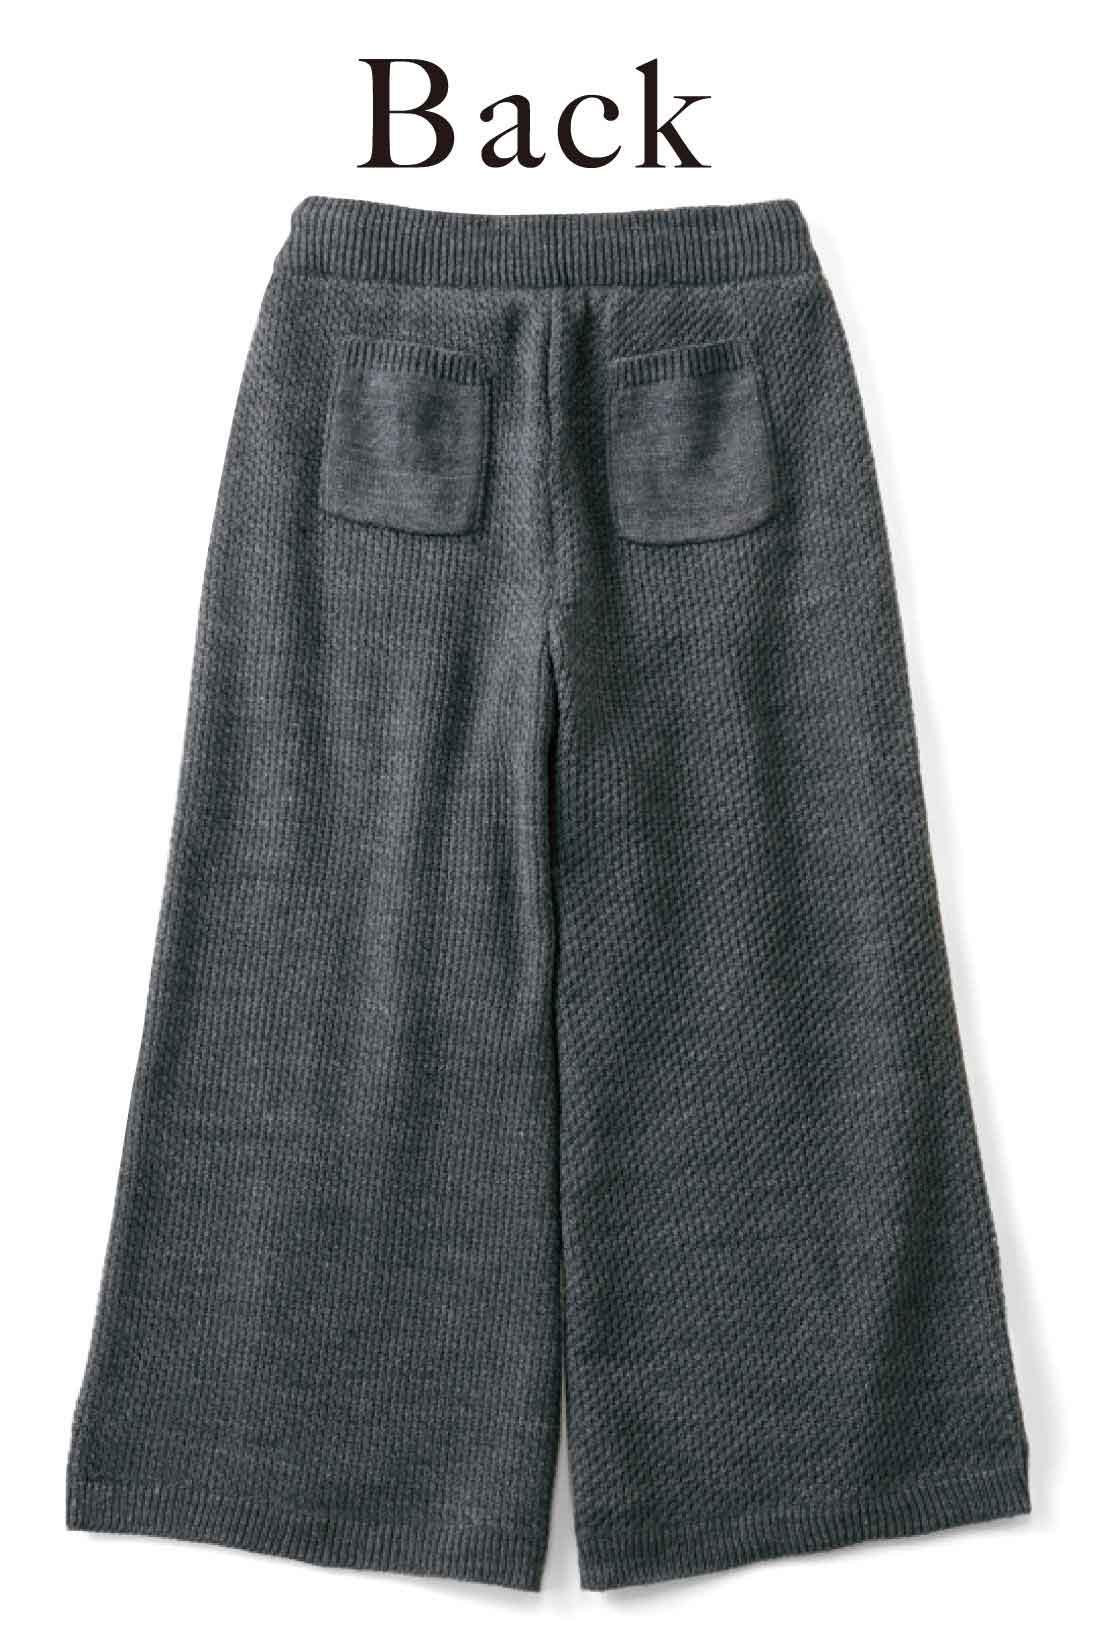 おしりに付けたポケットでバックスタイルがのっぺりしません。 ※お届けするカラーとは異なります。